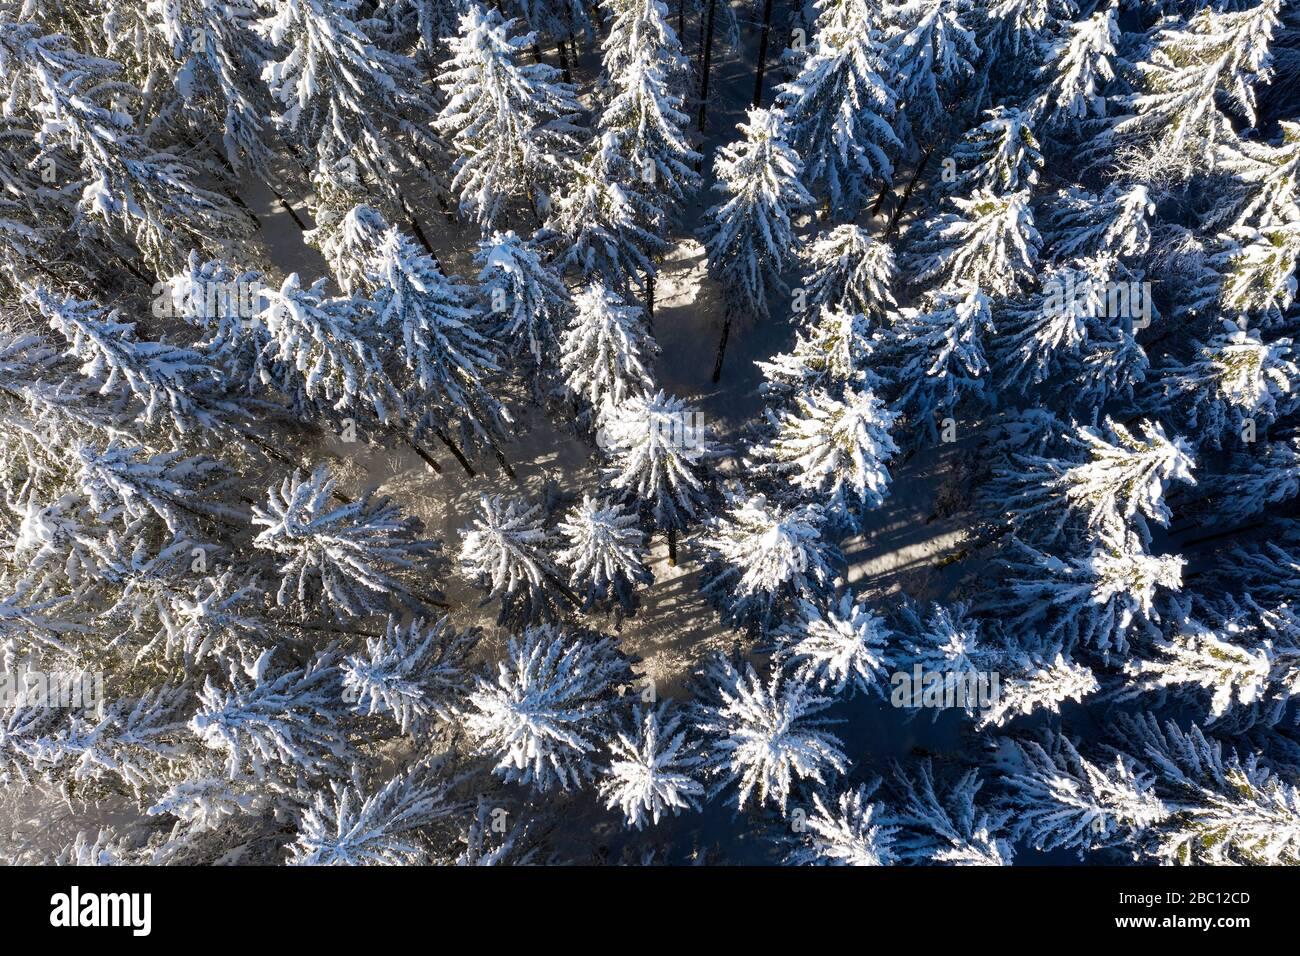 verschneite Fichten, Fichtenwald, Wald im Winter, Luftaufnahme, Dietramszell, Oberbayern, Bayern, Deutschland, Stock Photo